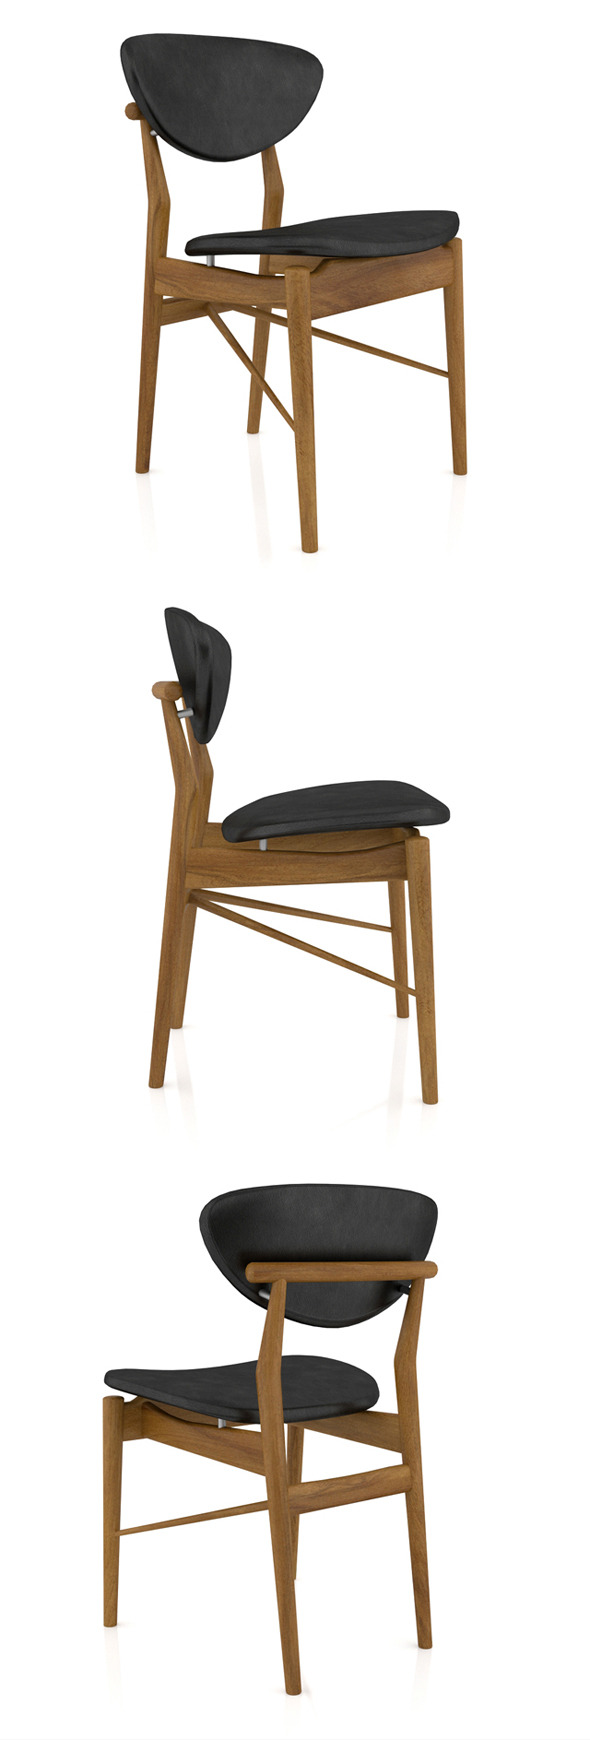 3DOcean Finn Juhl 108 Chair 11601311